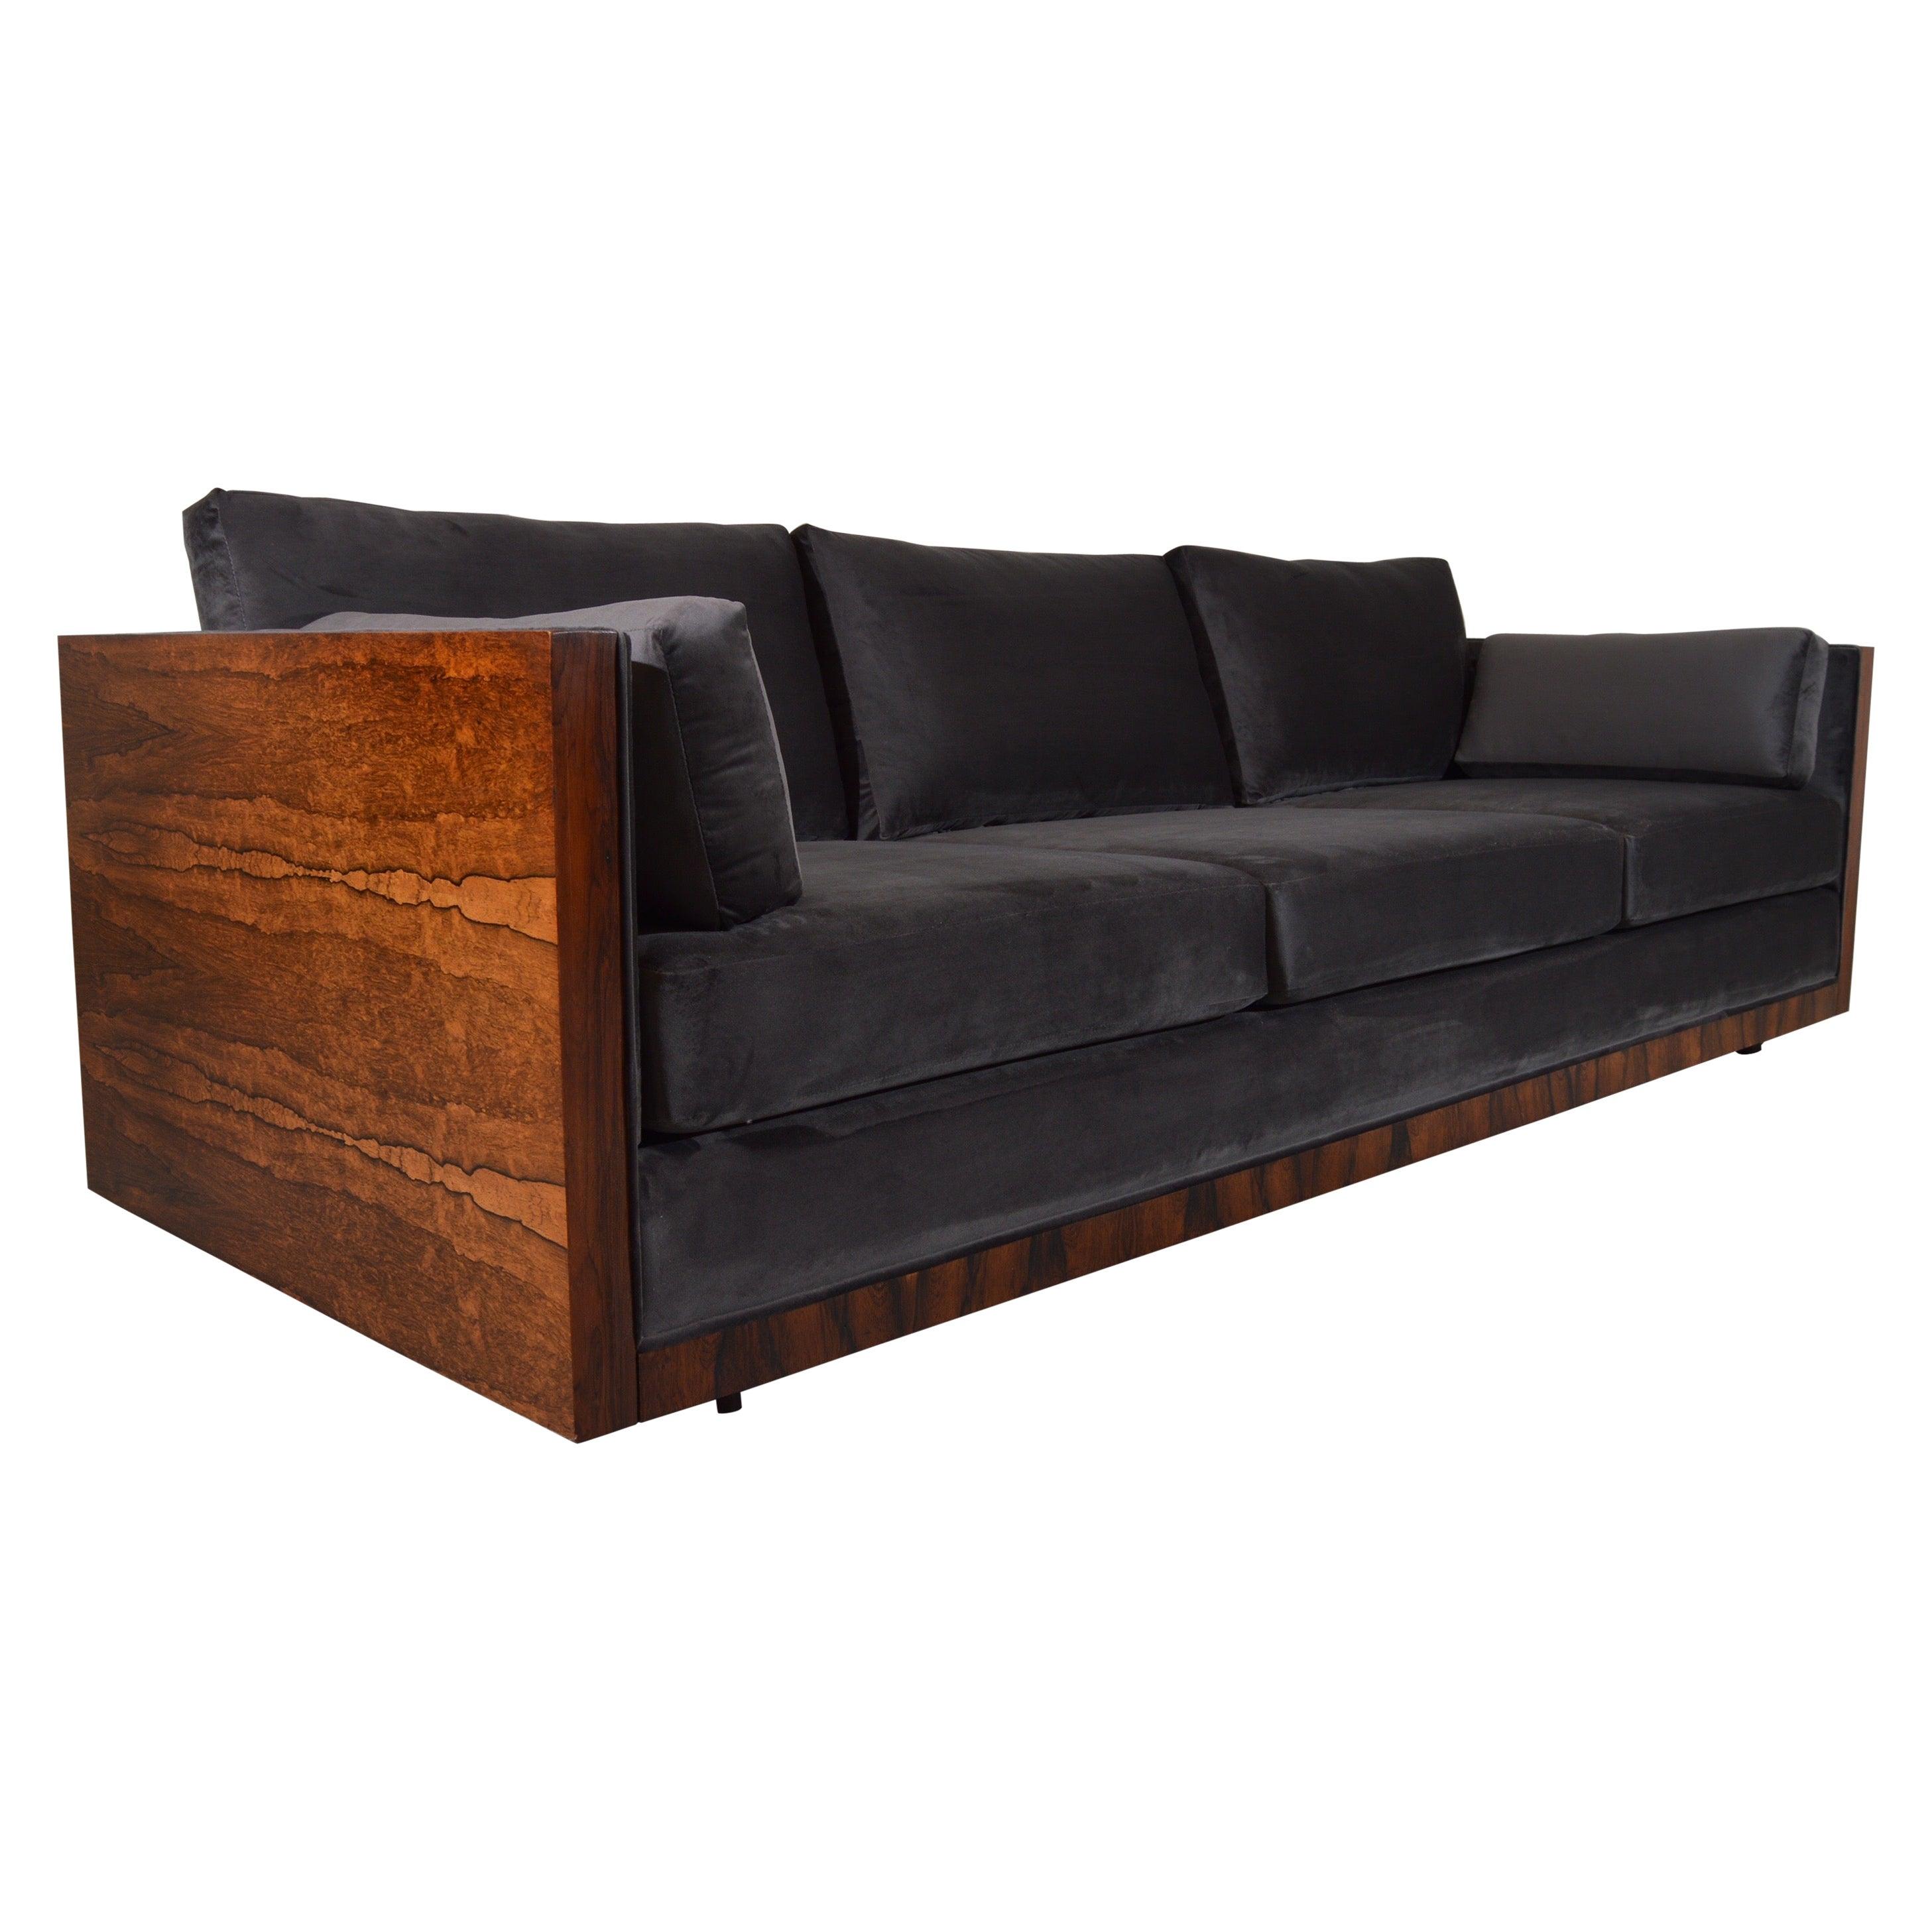 Case Sofa